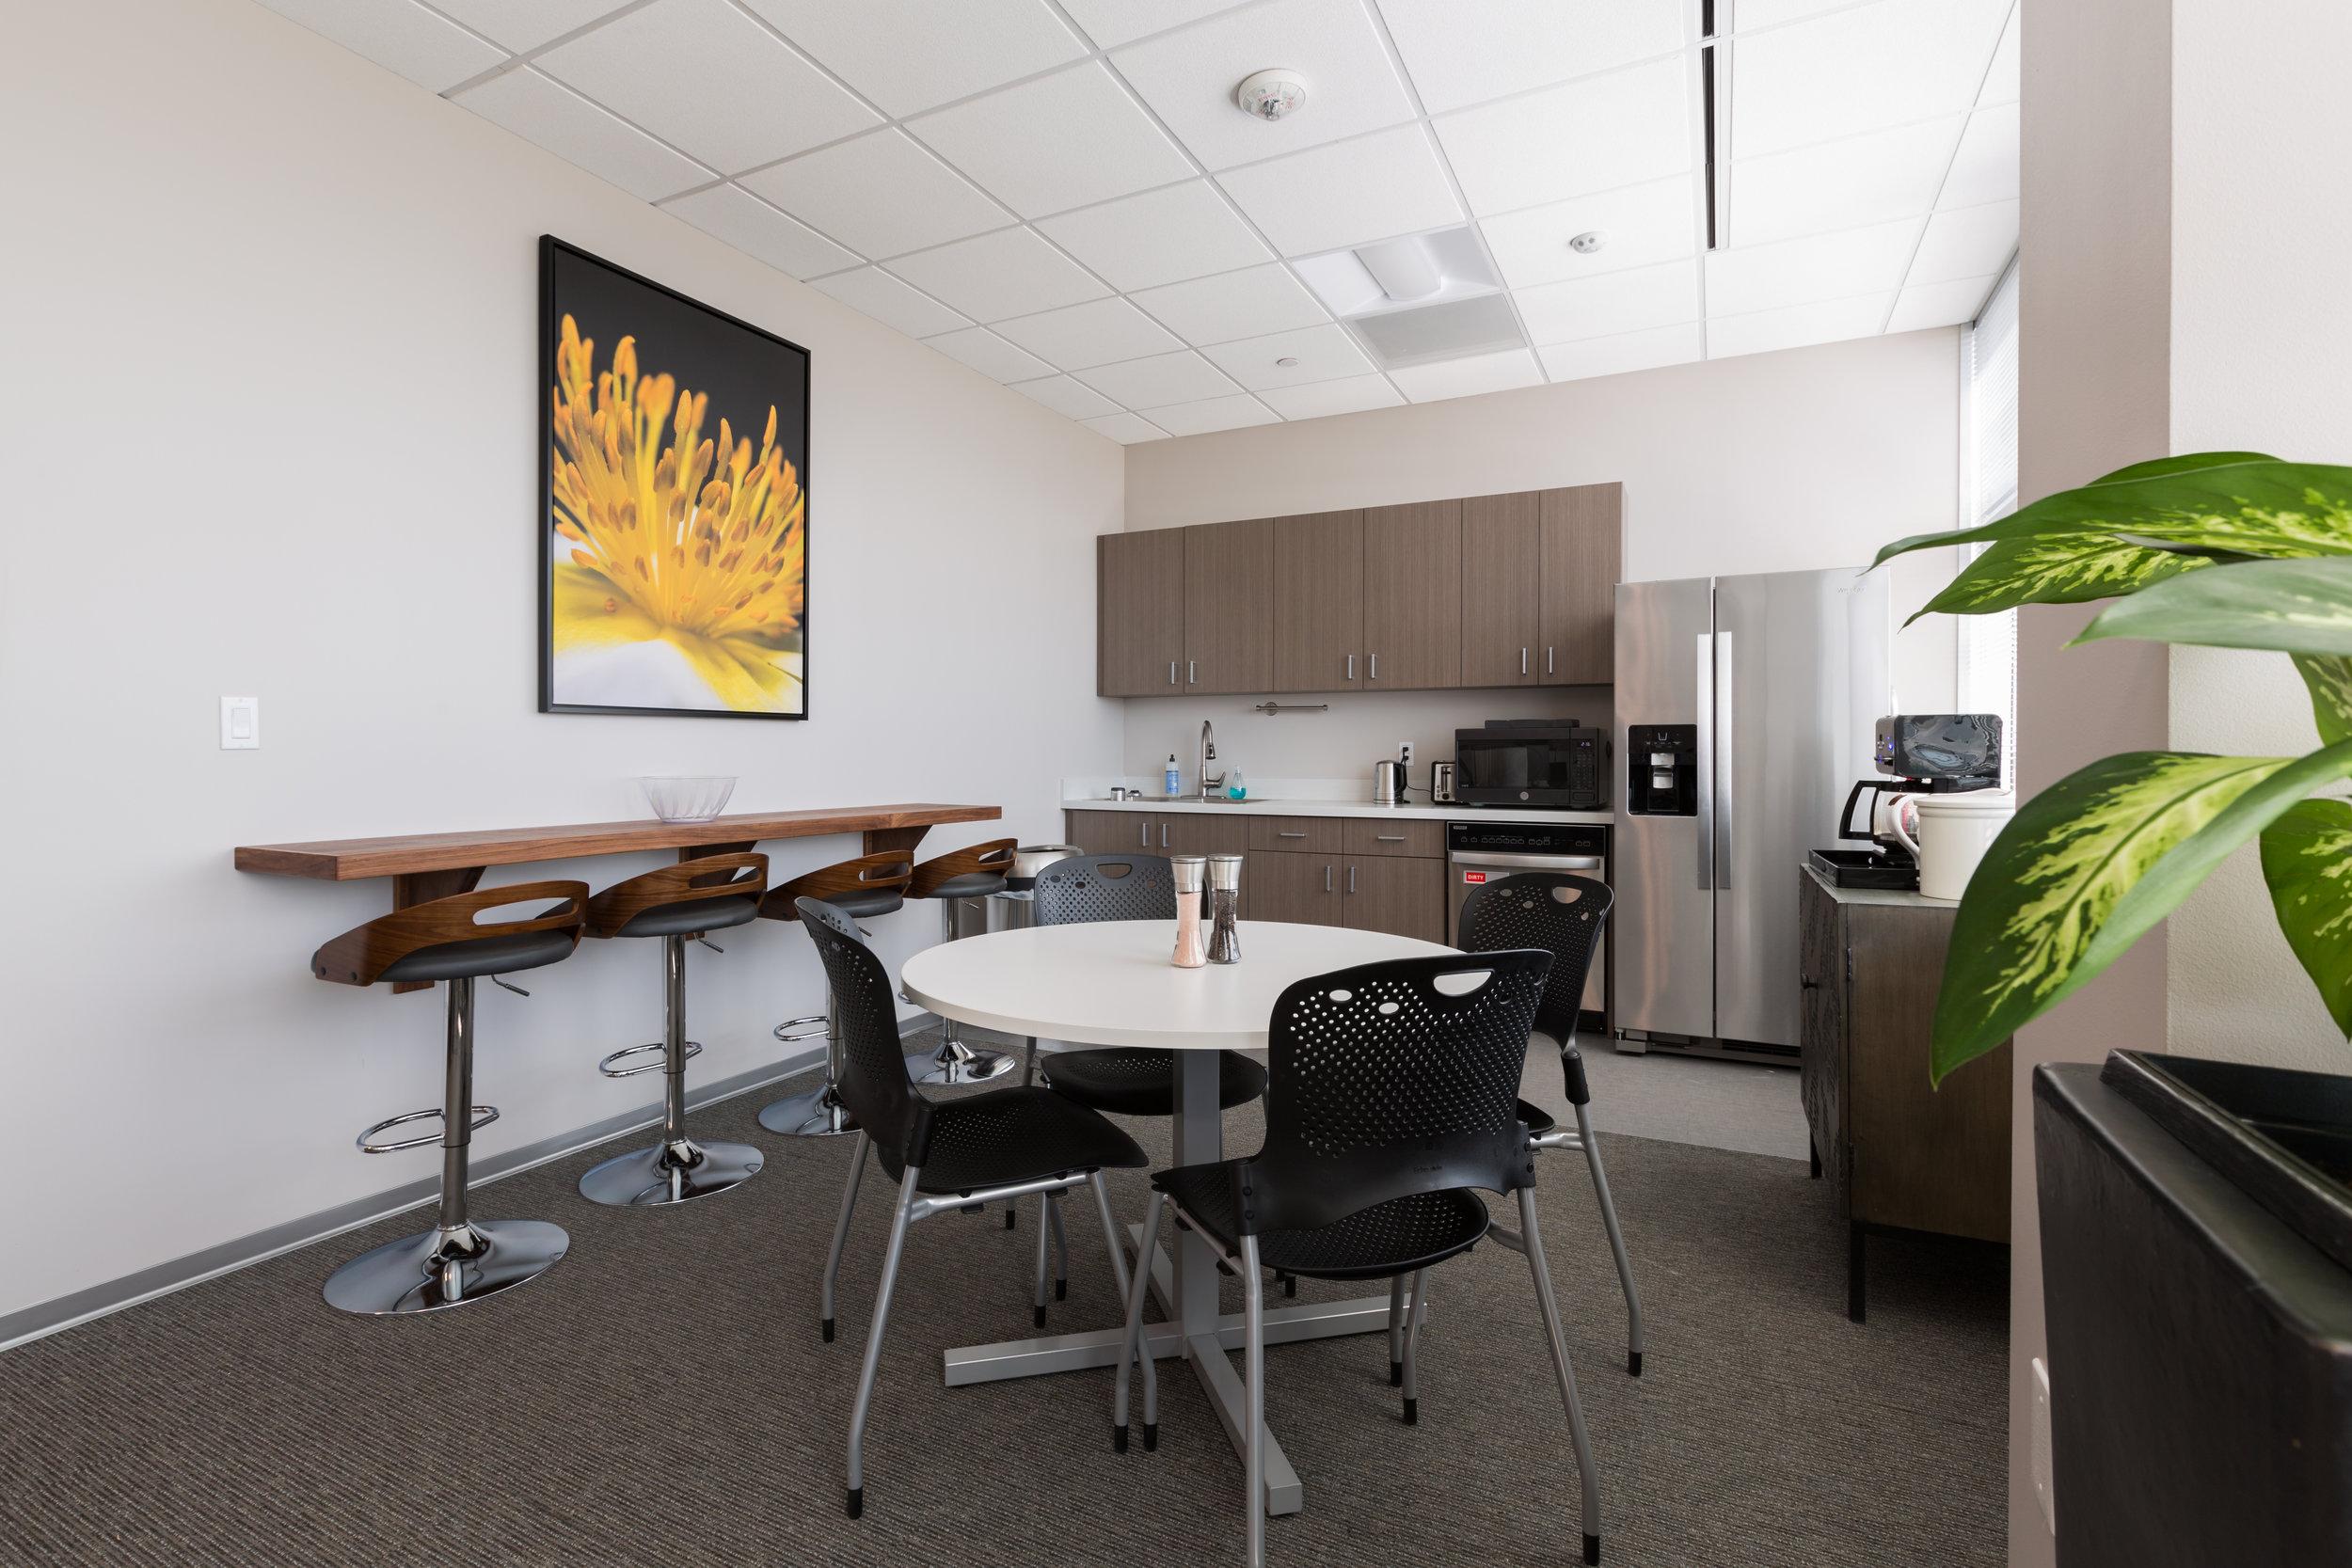 officebreakroomdesignaustin.jpg